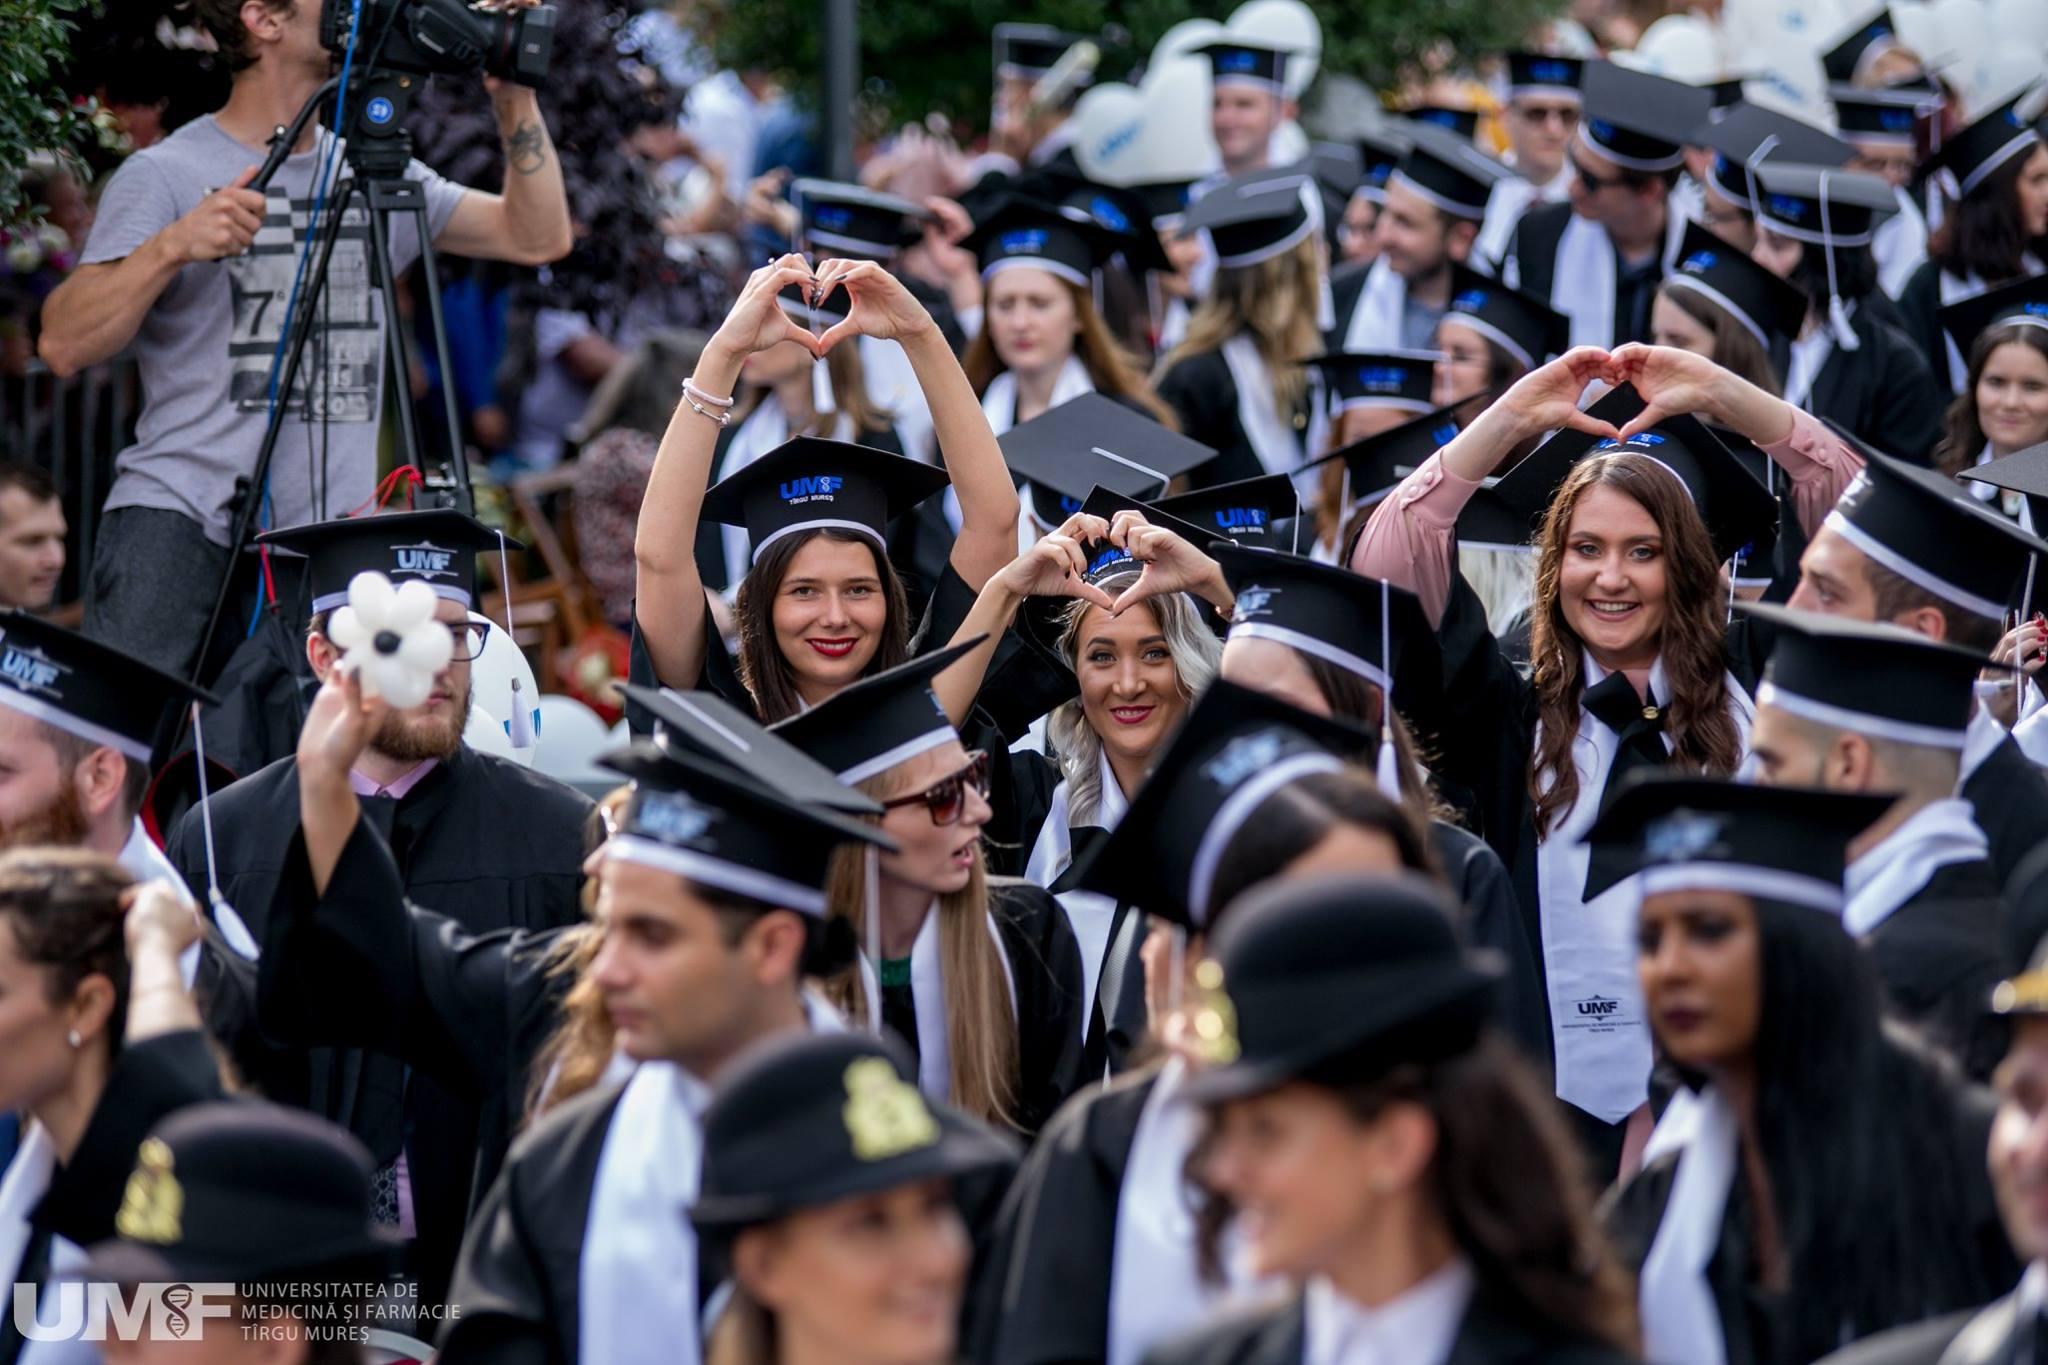 """Festivitatea de absolvire a UMFST """"George Emil Palade"""" din Târgu Mureș. Promoția 2019, sub semnul generos al internaționalizării academice"""